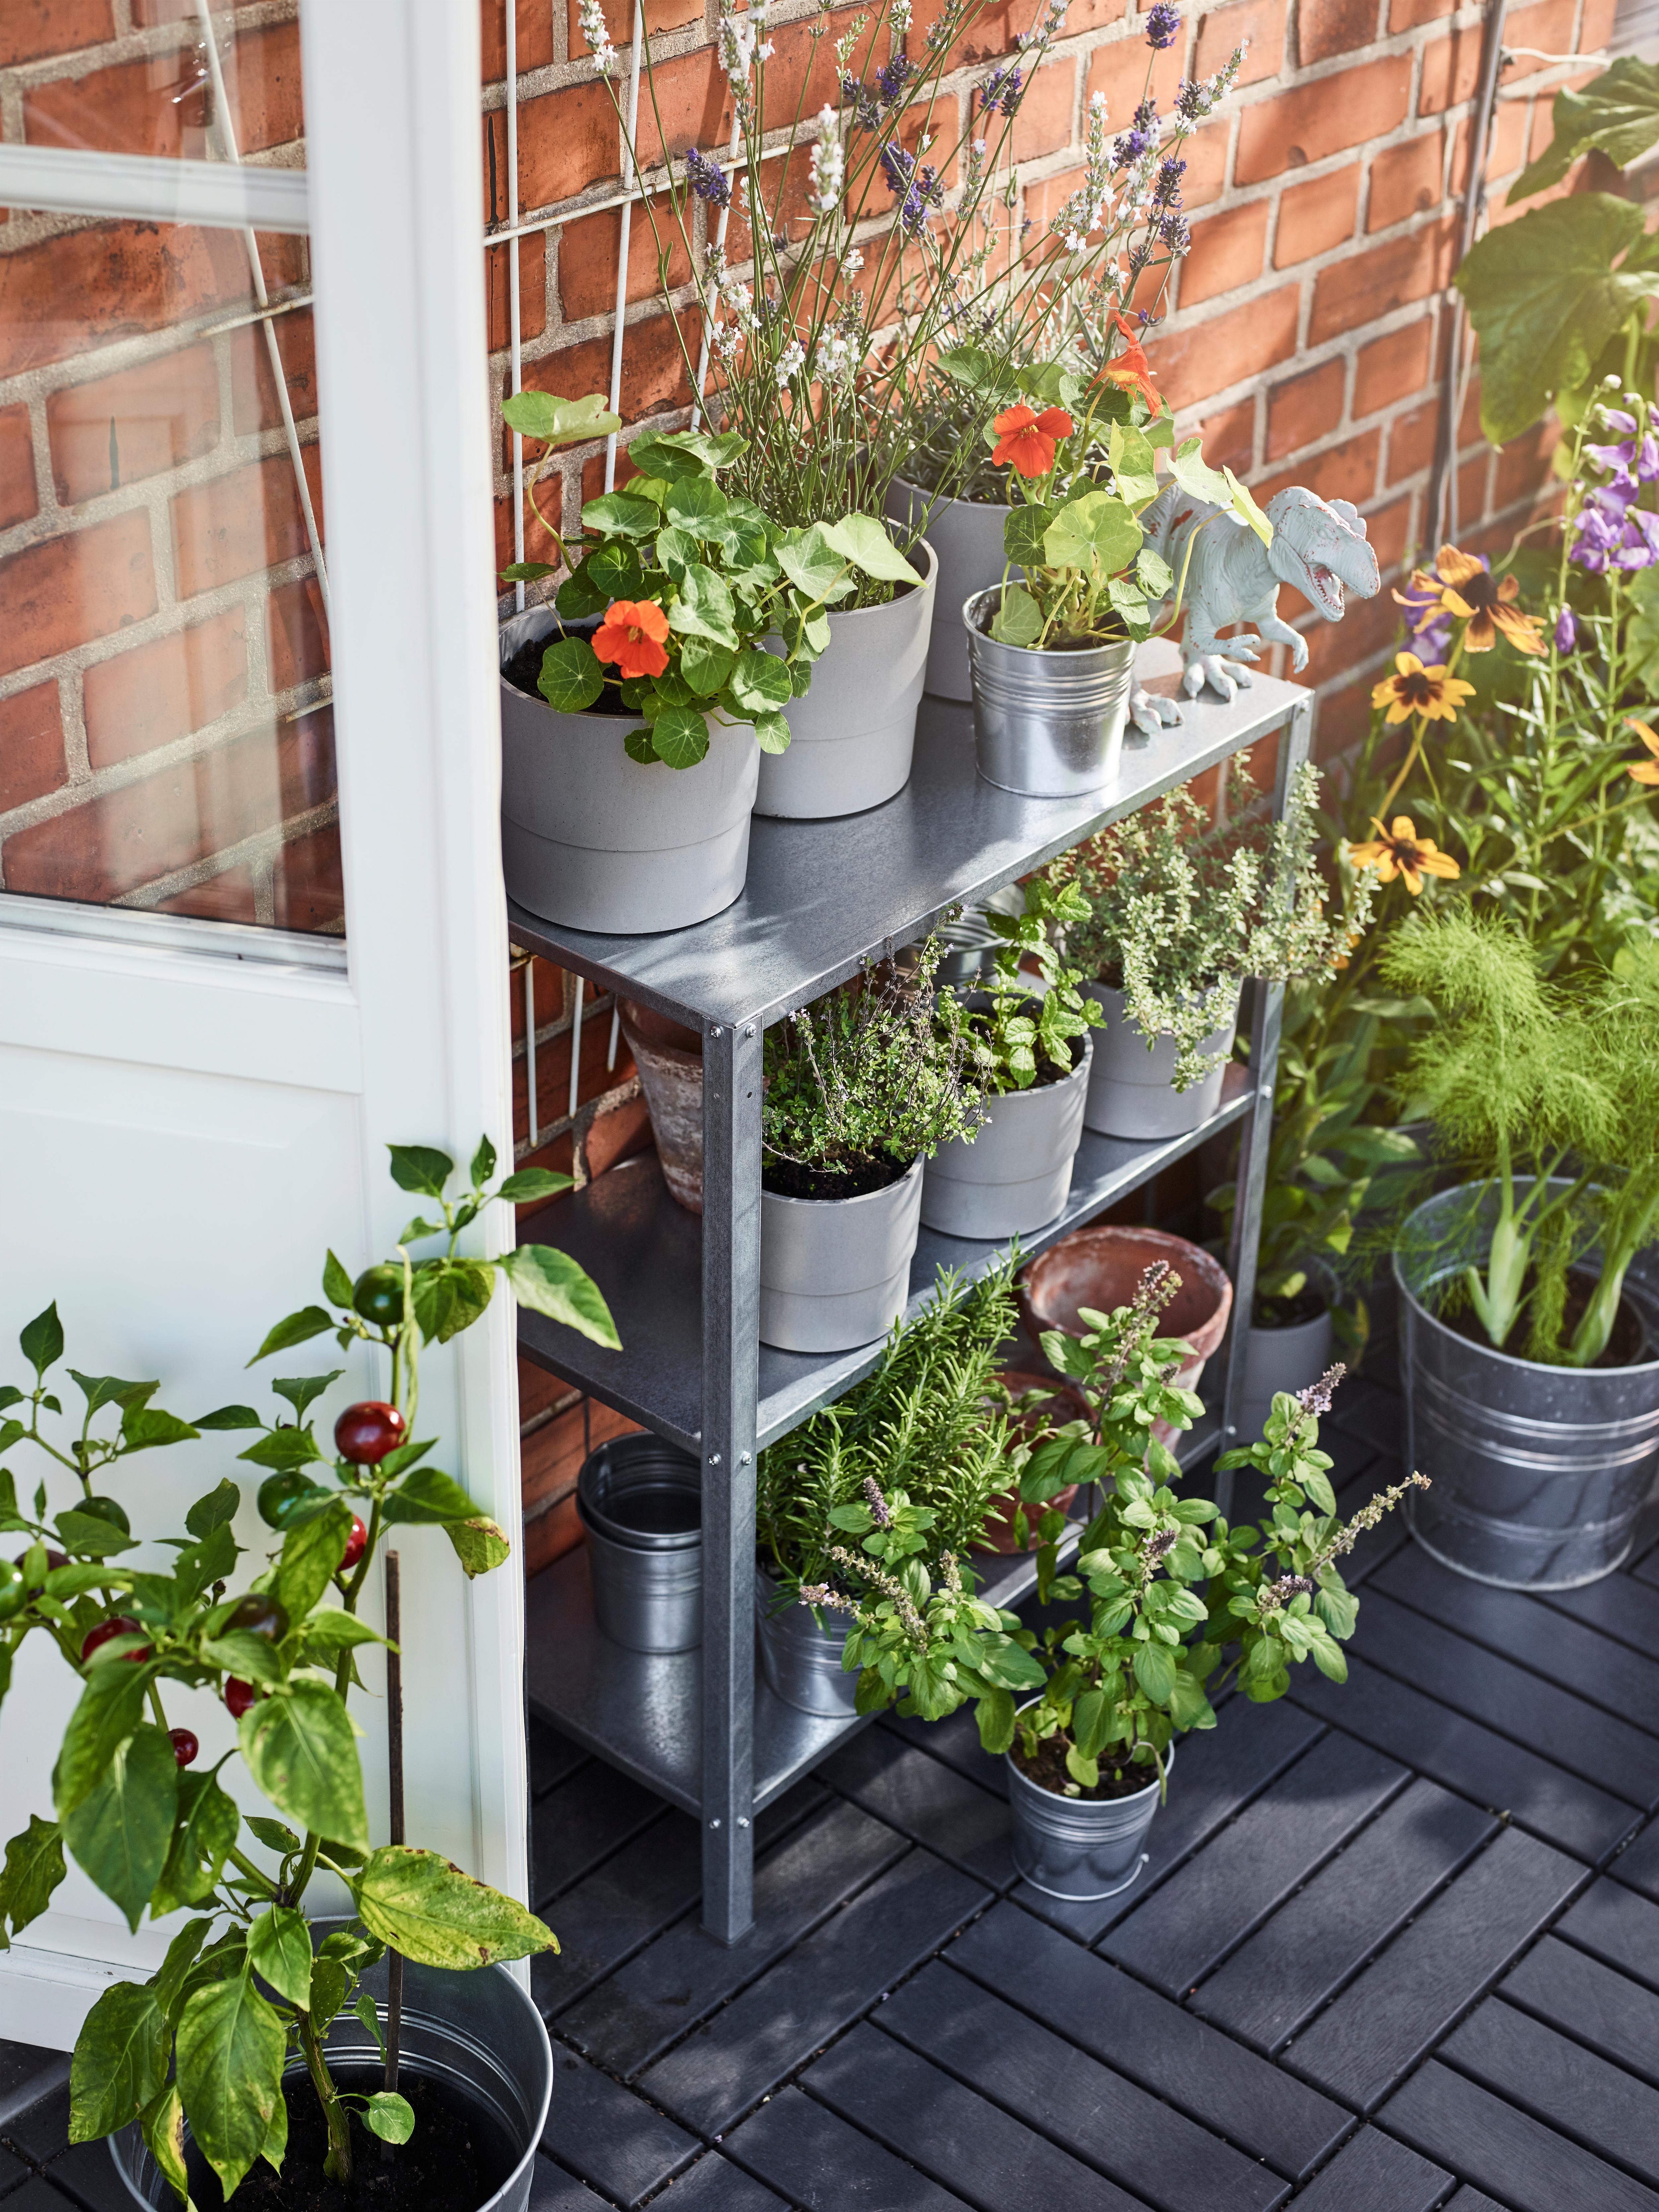 Un mobile a scaffale HYLLIS in acciaio per interni ed esterni contiene vasi di piante accanto a una porta del balcone, a un muro di mattoni e a dei vasi sul pavimento.